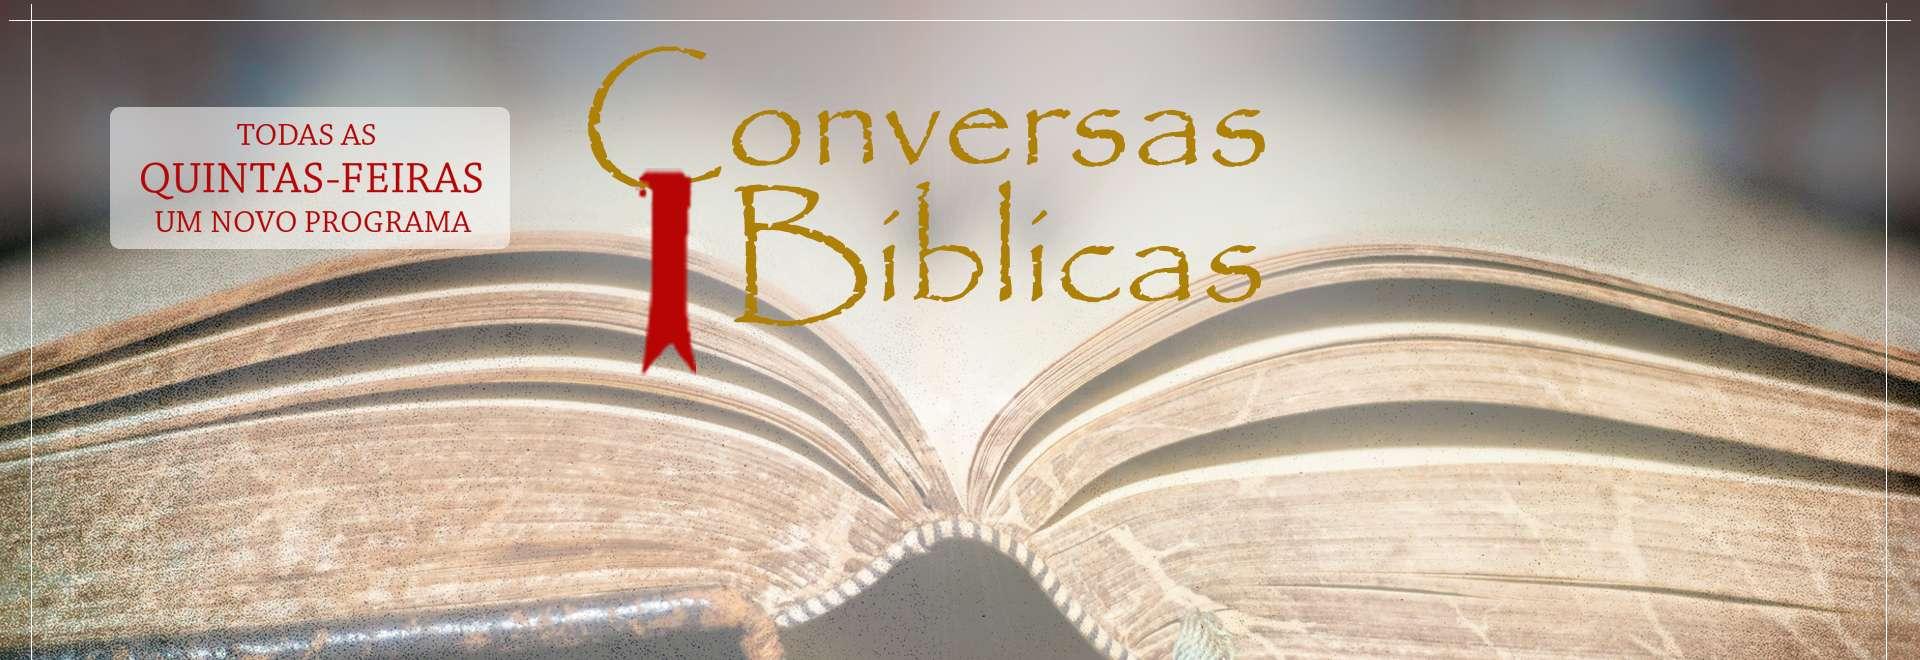 ASSISTA AGORA: Programa Conversas Bíblicas